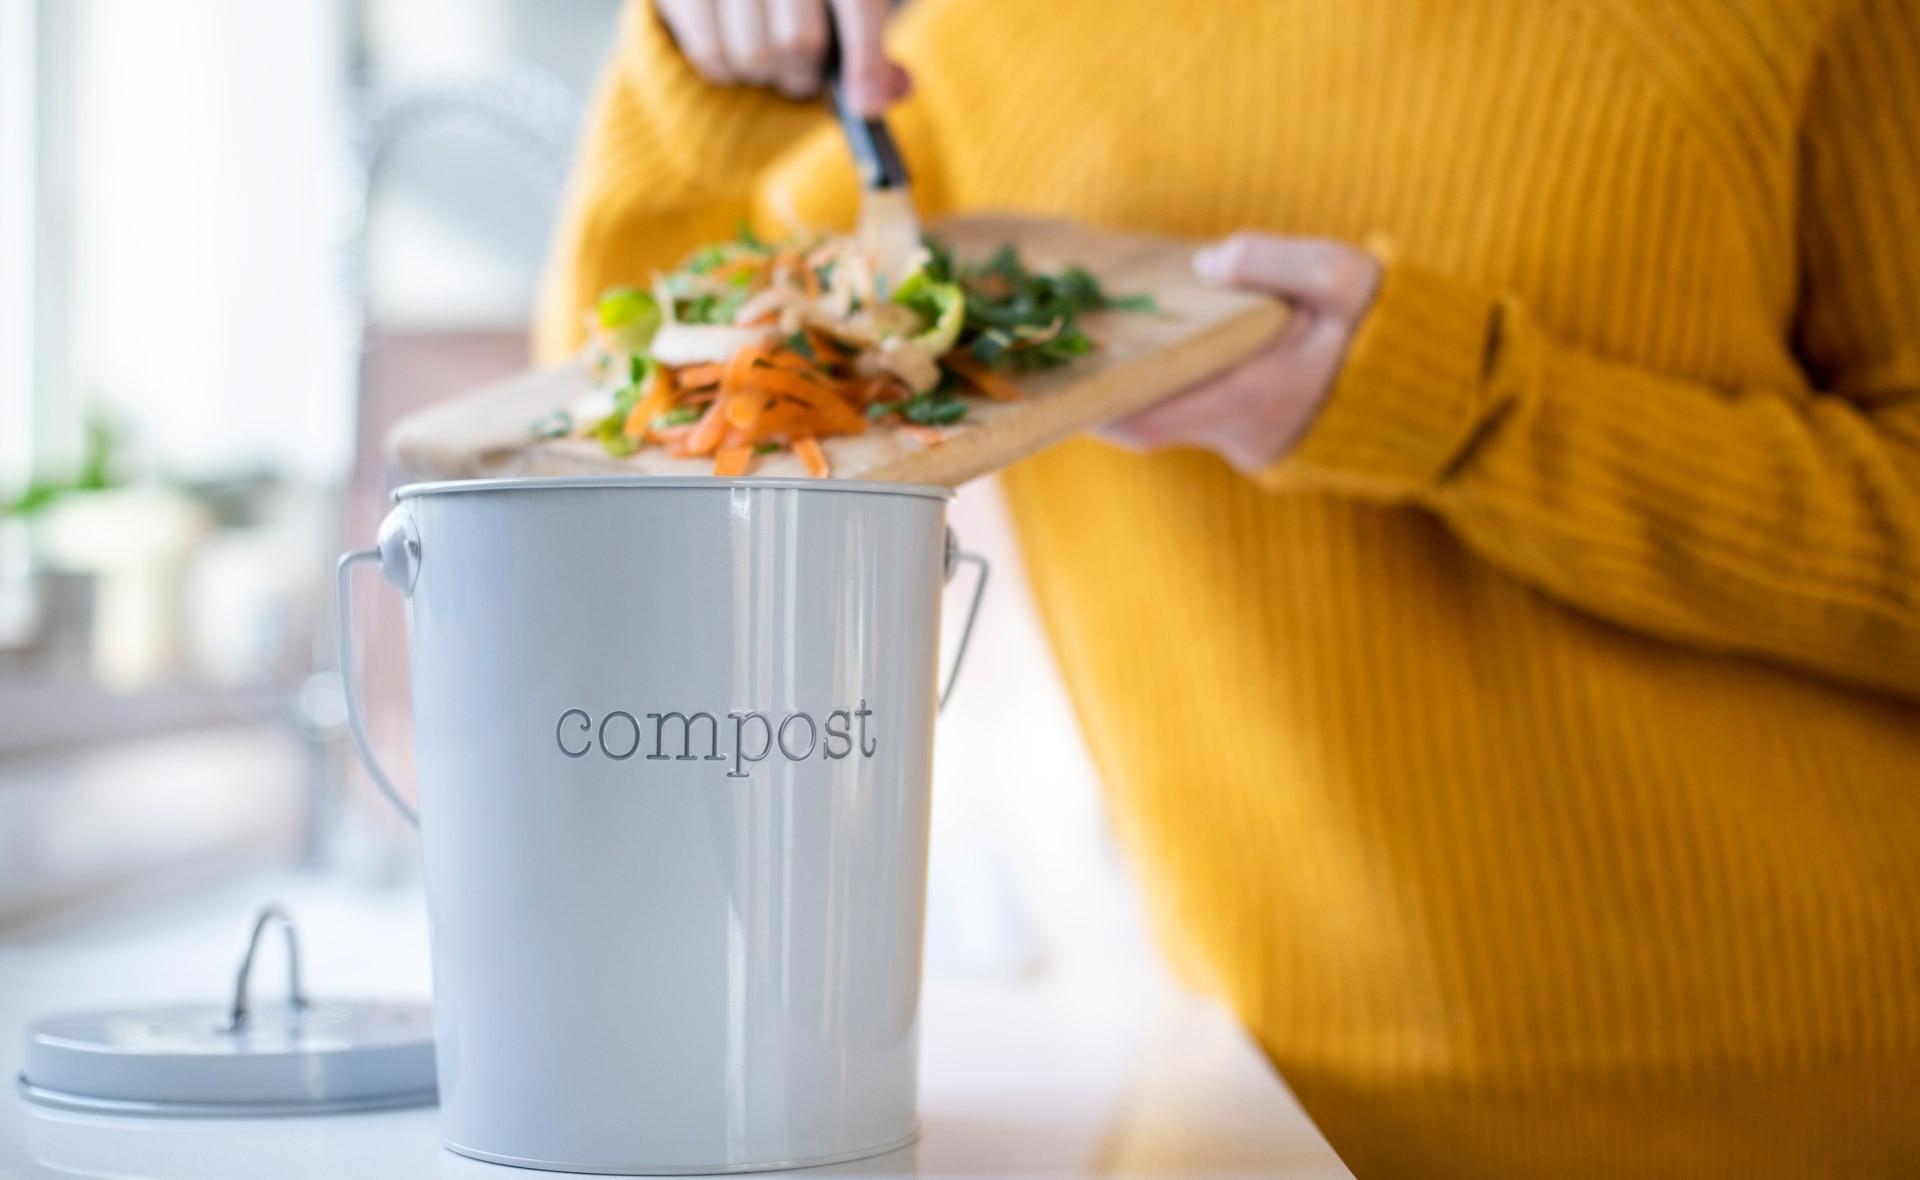 emisiones_desperdicio-residuos-basura-contaminacion-cuidado-consejos-sostenibilidad-alimentos